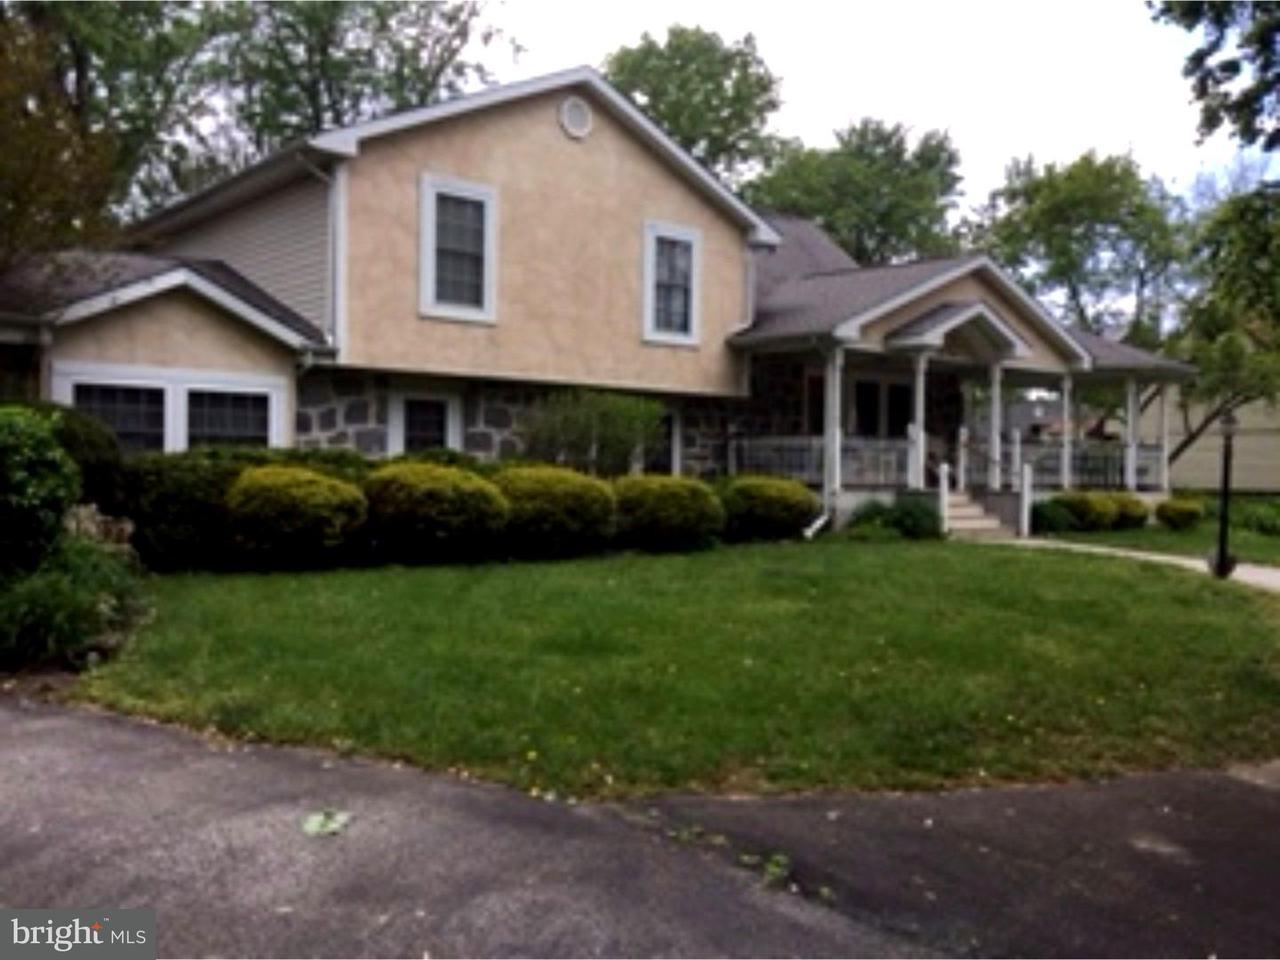 Частный односемейный дом для того Продажа на 5 ARBOR Road Cinnaminson Township, Нью-Джерси 08077 Соединенные Штаты